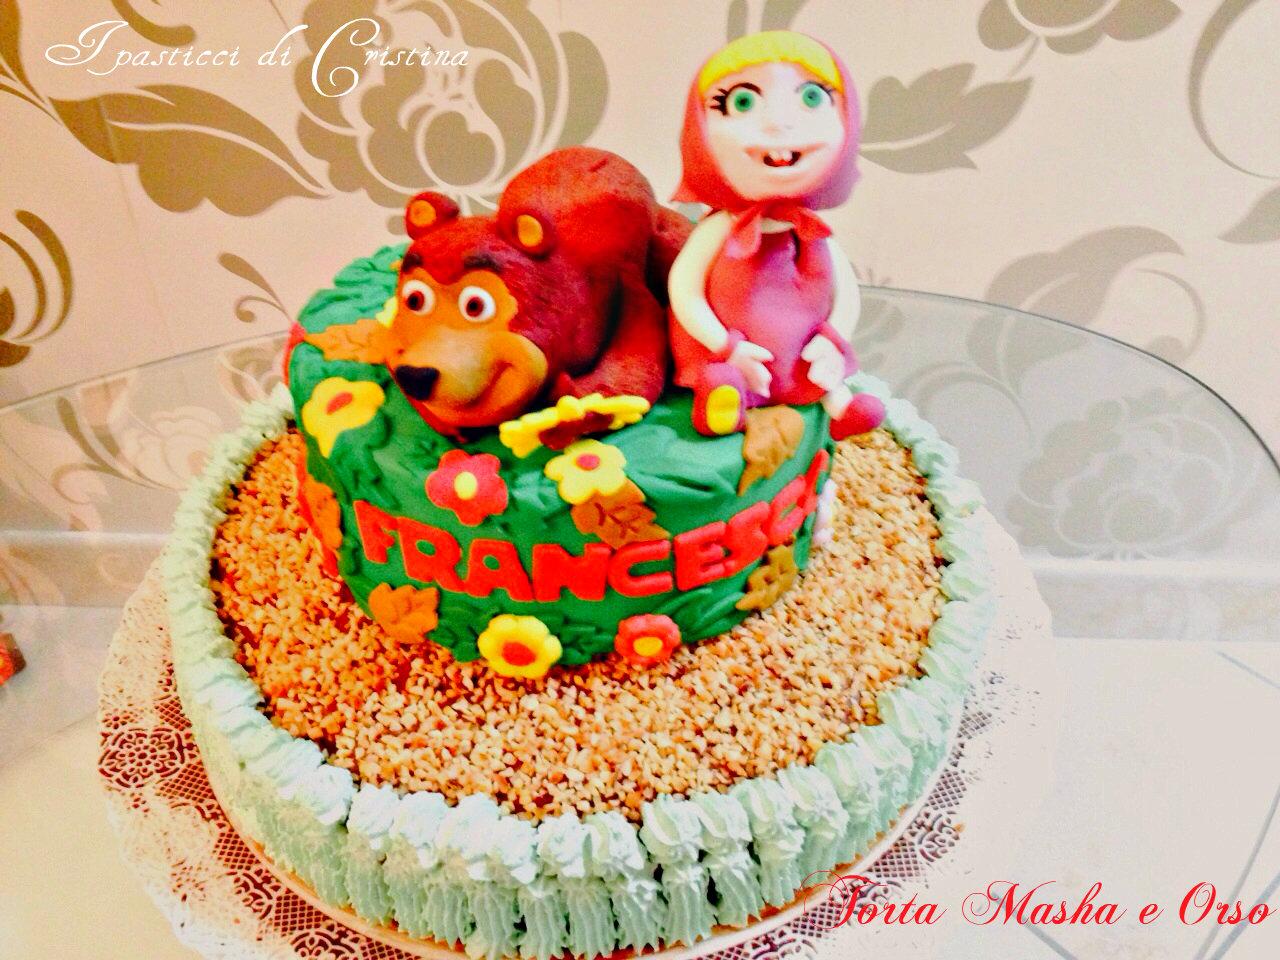 Torta Masha E Orso I Pasticci Di Cristina